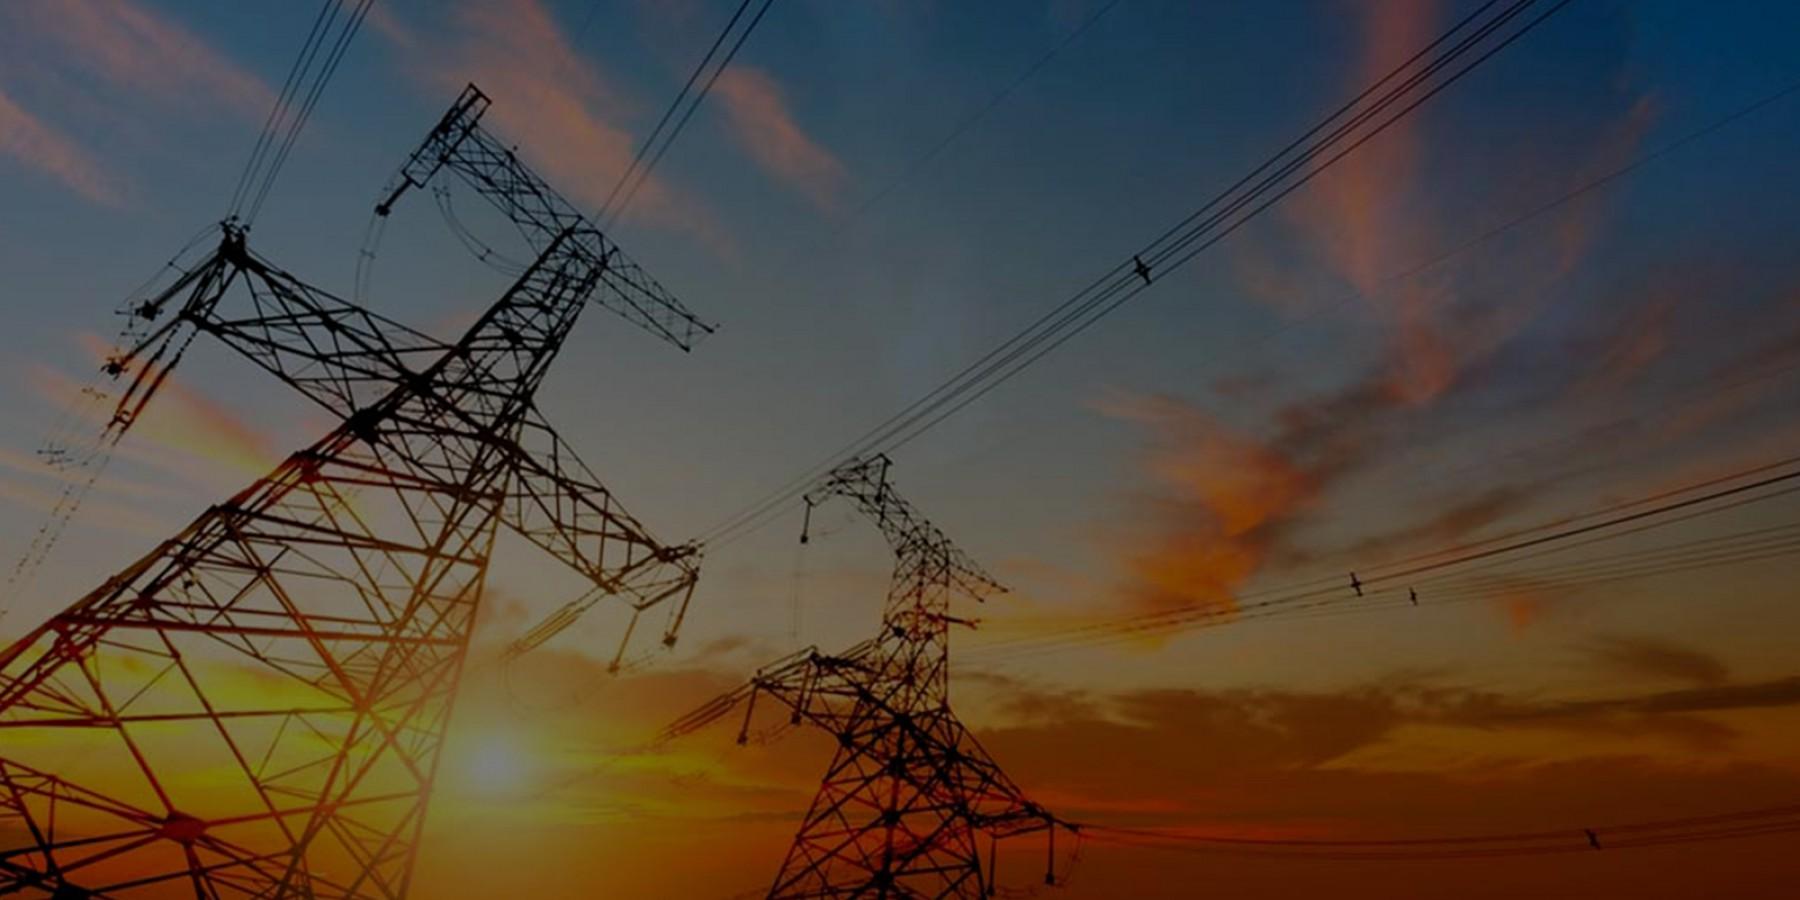 ГРАФІК планових відключень електроенергії у зв'язку з проведенням ремонтних робіт